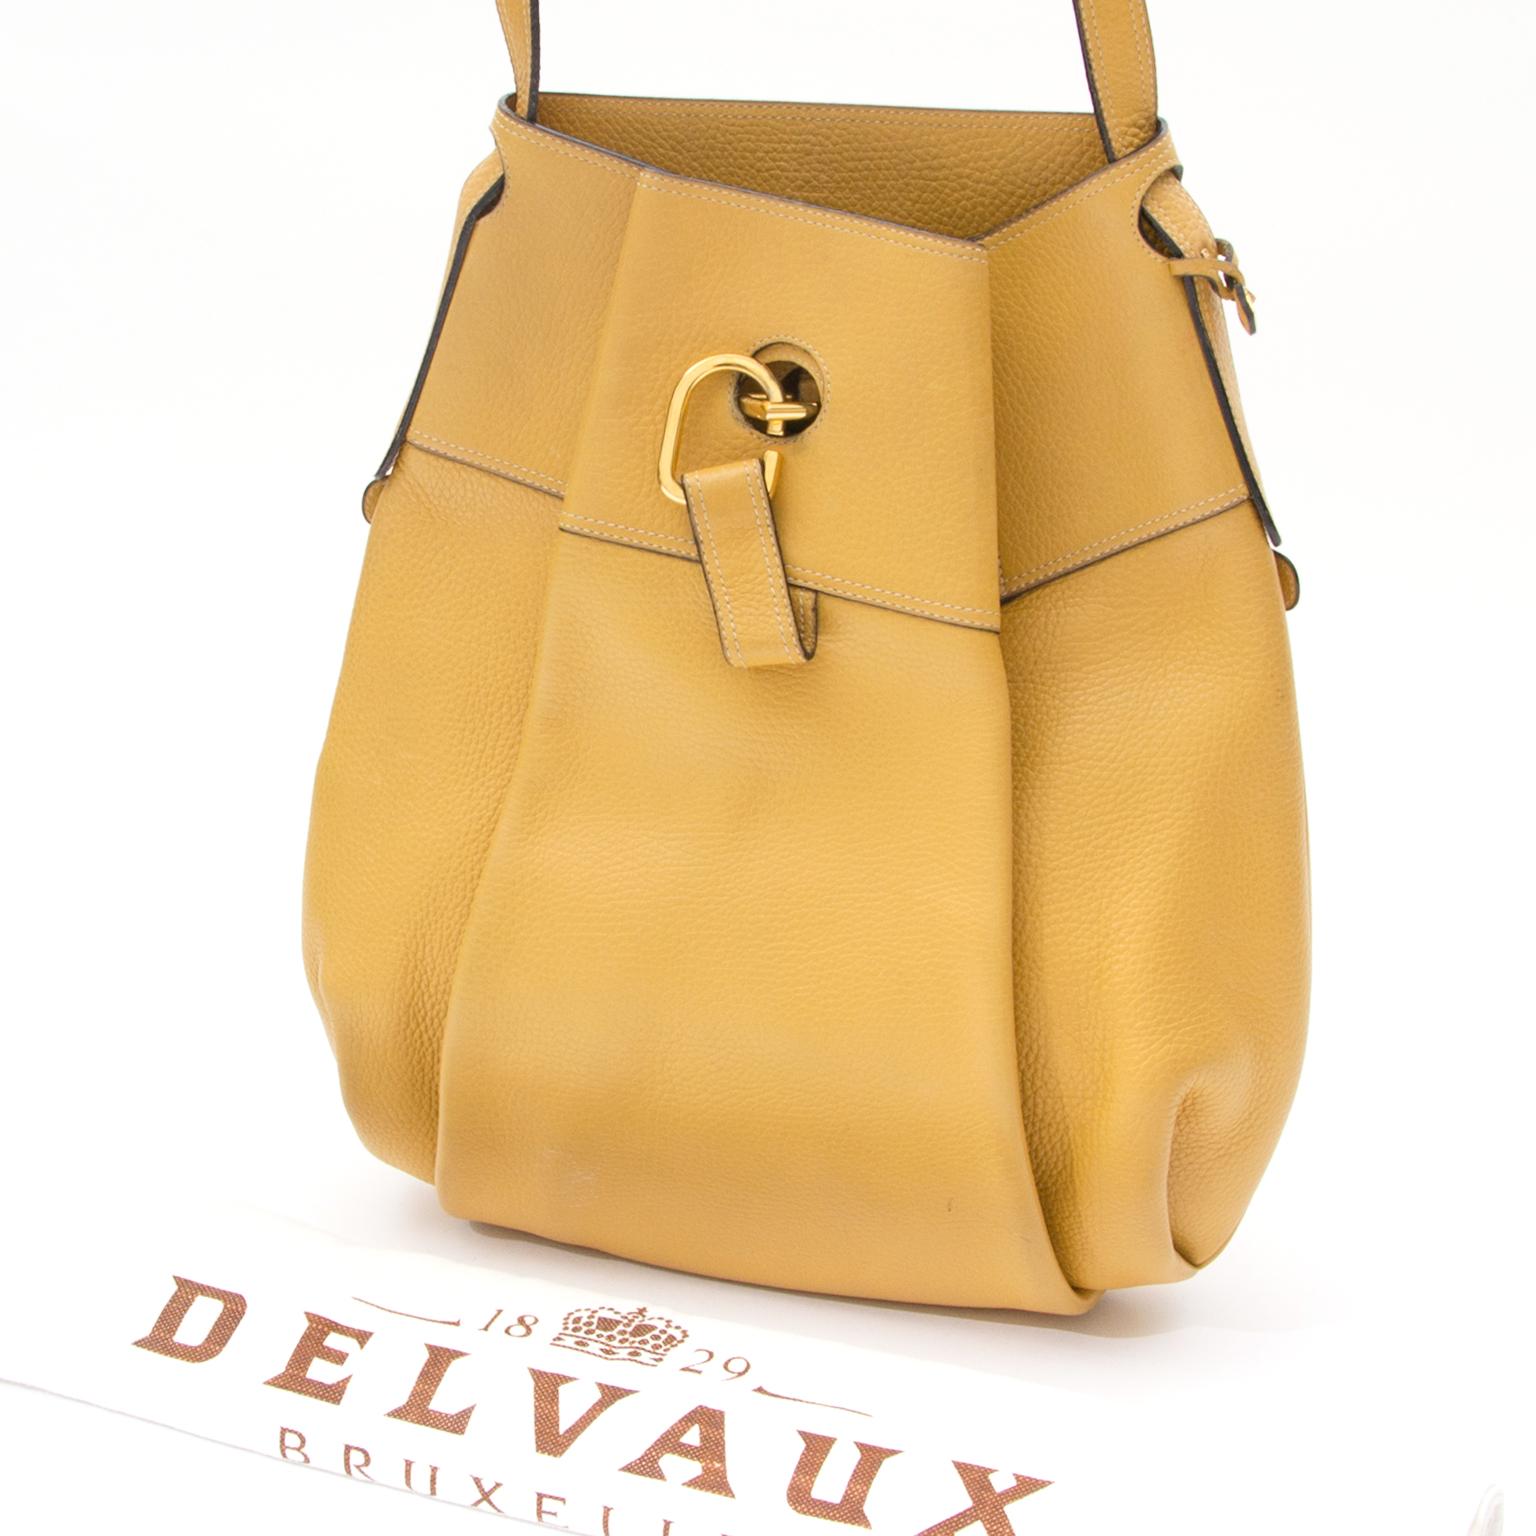 d82855c7eb33 ... Koop veilig online tweedehands delvaux saffron geel hobo schoudertas  aan de beste prijs online webshop labellov